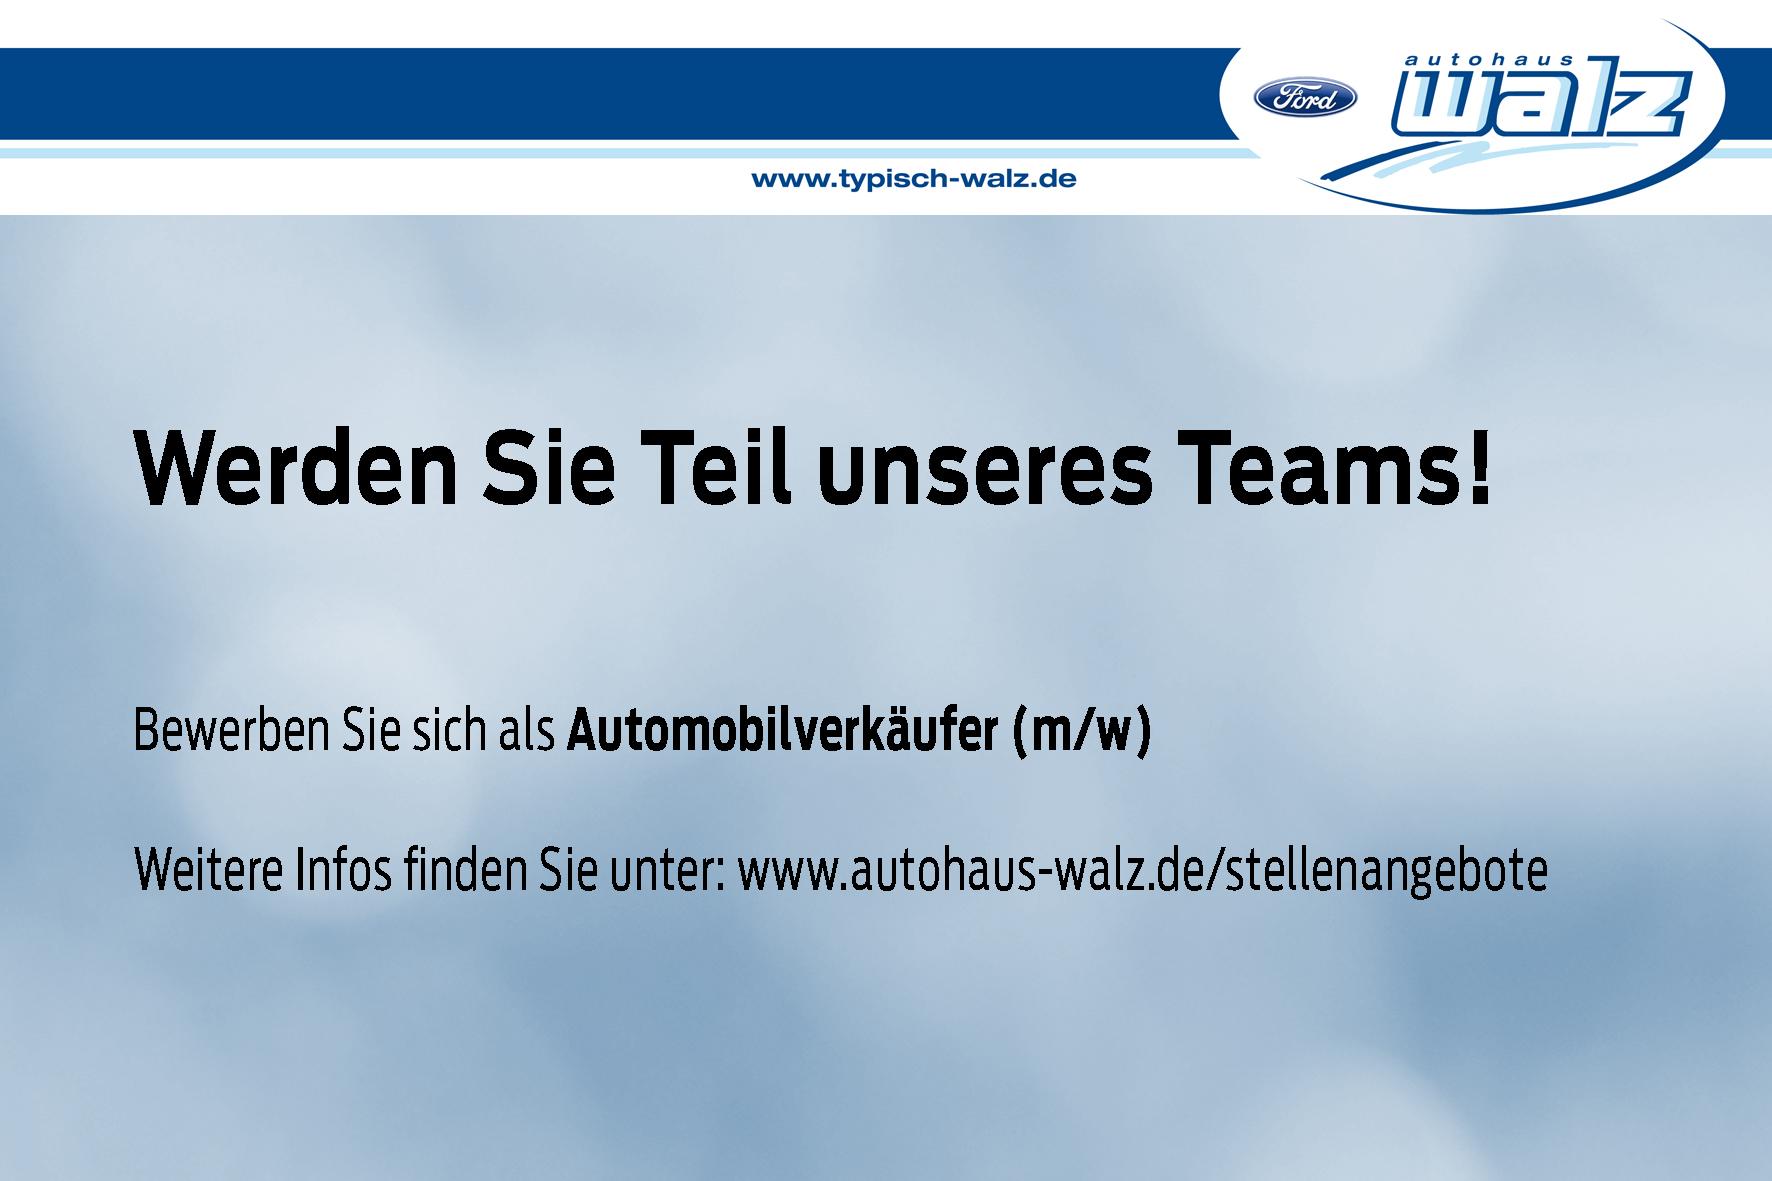 Automobilverkäufer für Baiersbronn gesucht